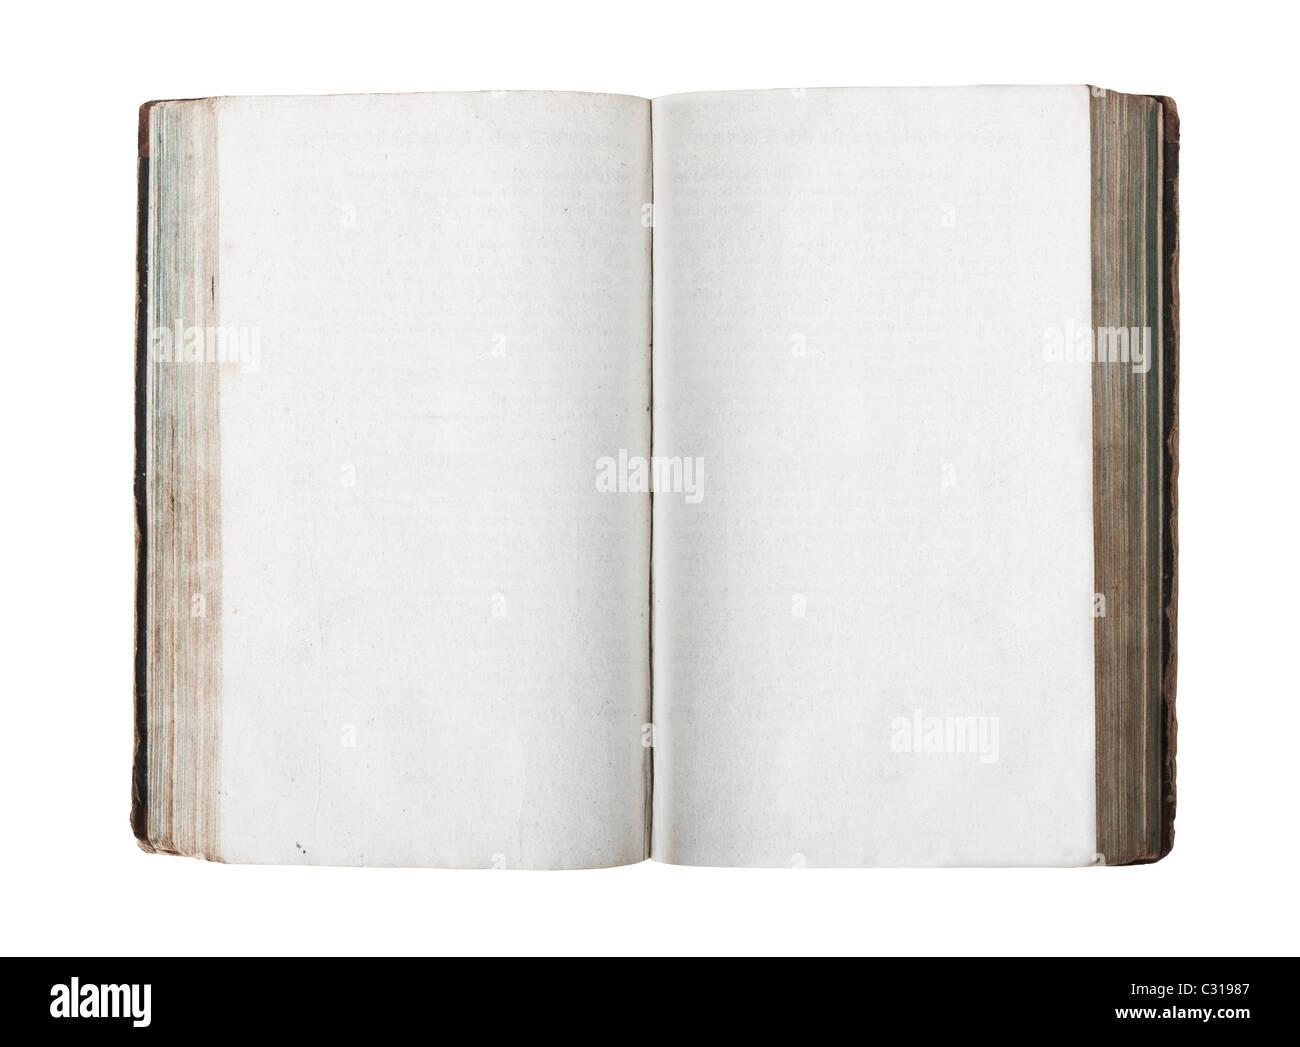 Vieux livre ouvert avec les pages vides isolé sur fond blanc Photo Stock